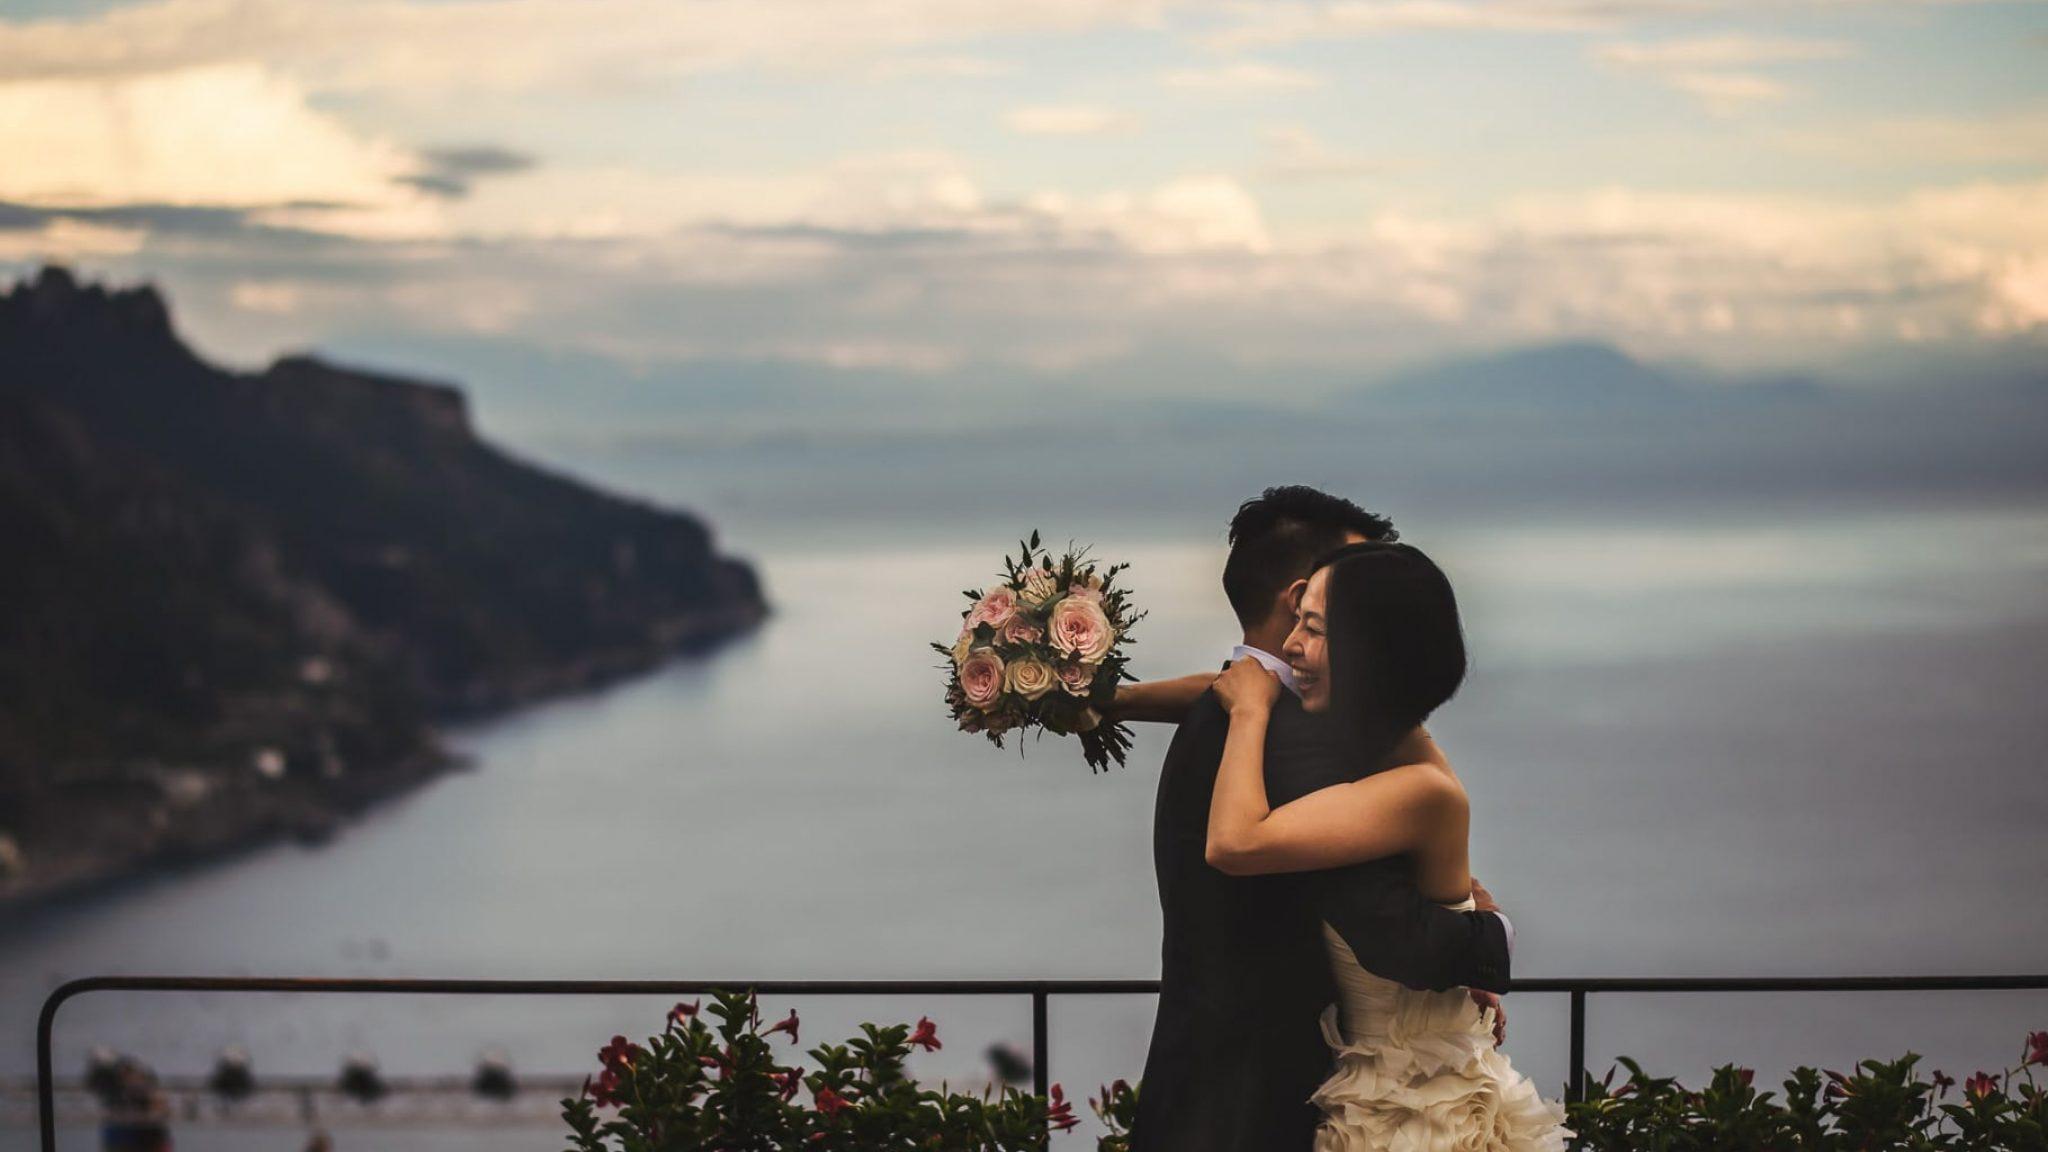 foto di coppia degli sposi che si abbracciano a villa rufolo con vista sulla costiera amalfitana